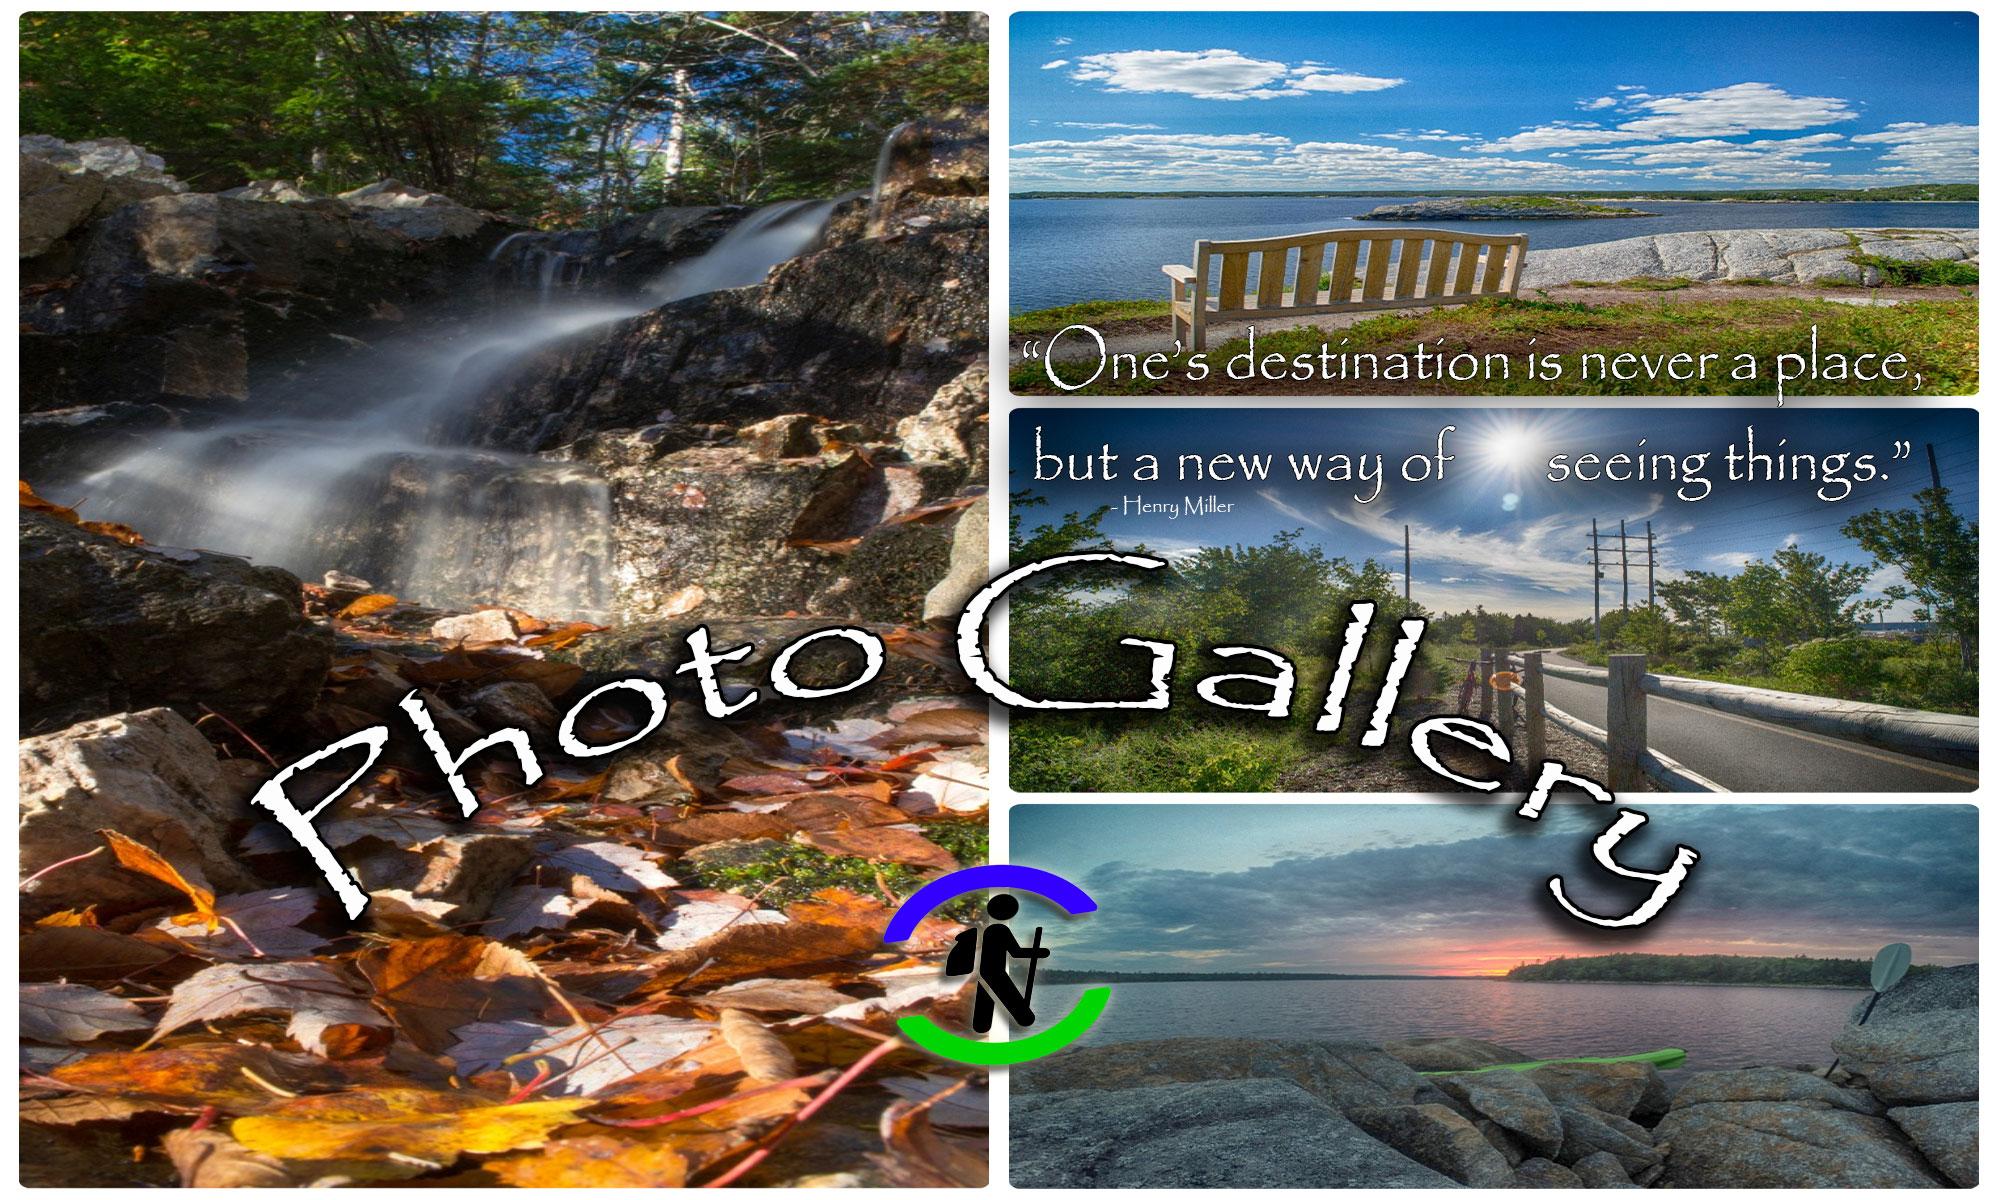 Halifax Trails Photo Gallery